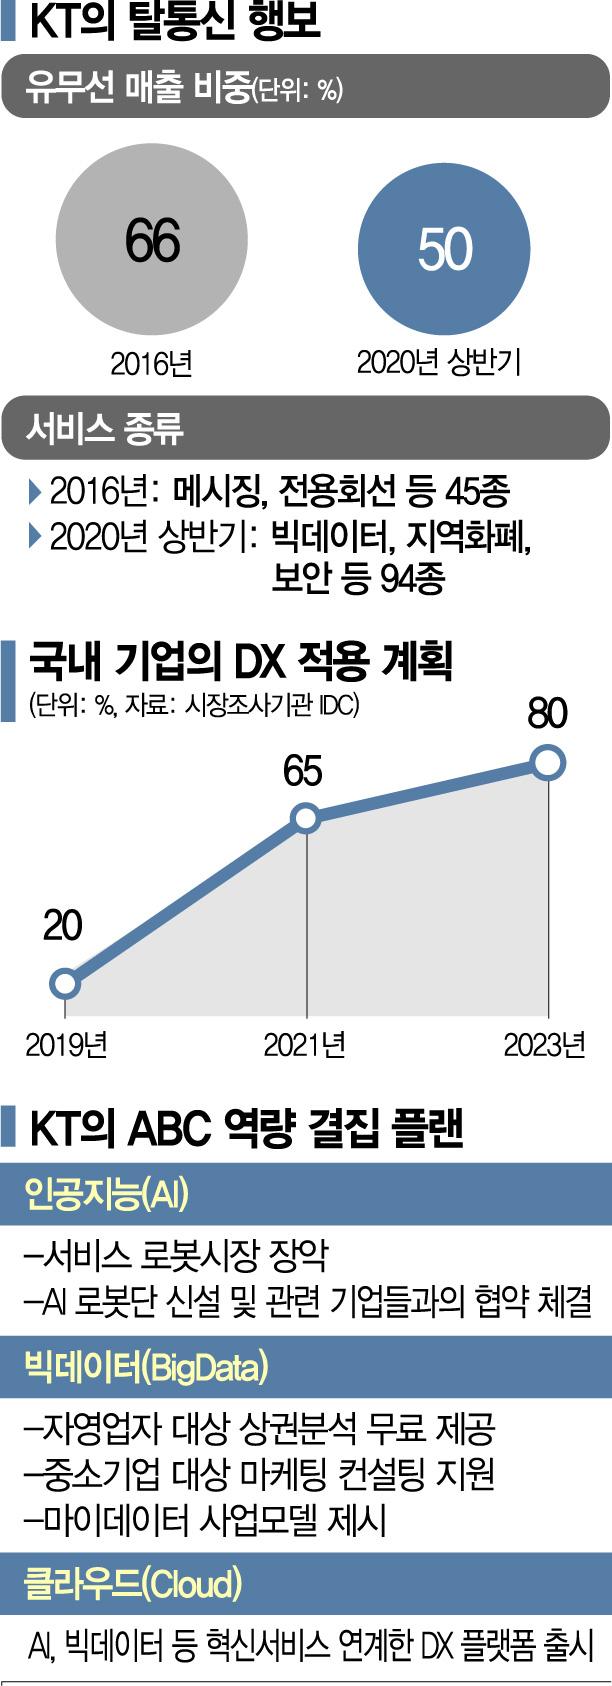 """[종합]""""타산업 혁신 선도하겠다"""" 통신사 KT의 선언, 구현모의 자신감"""